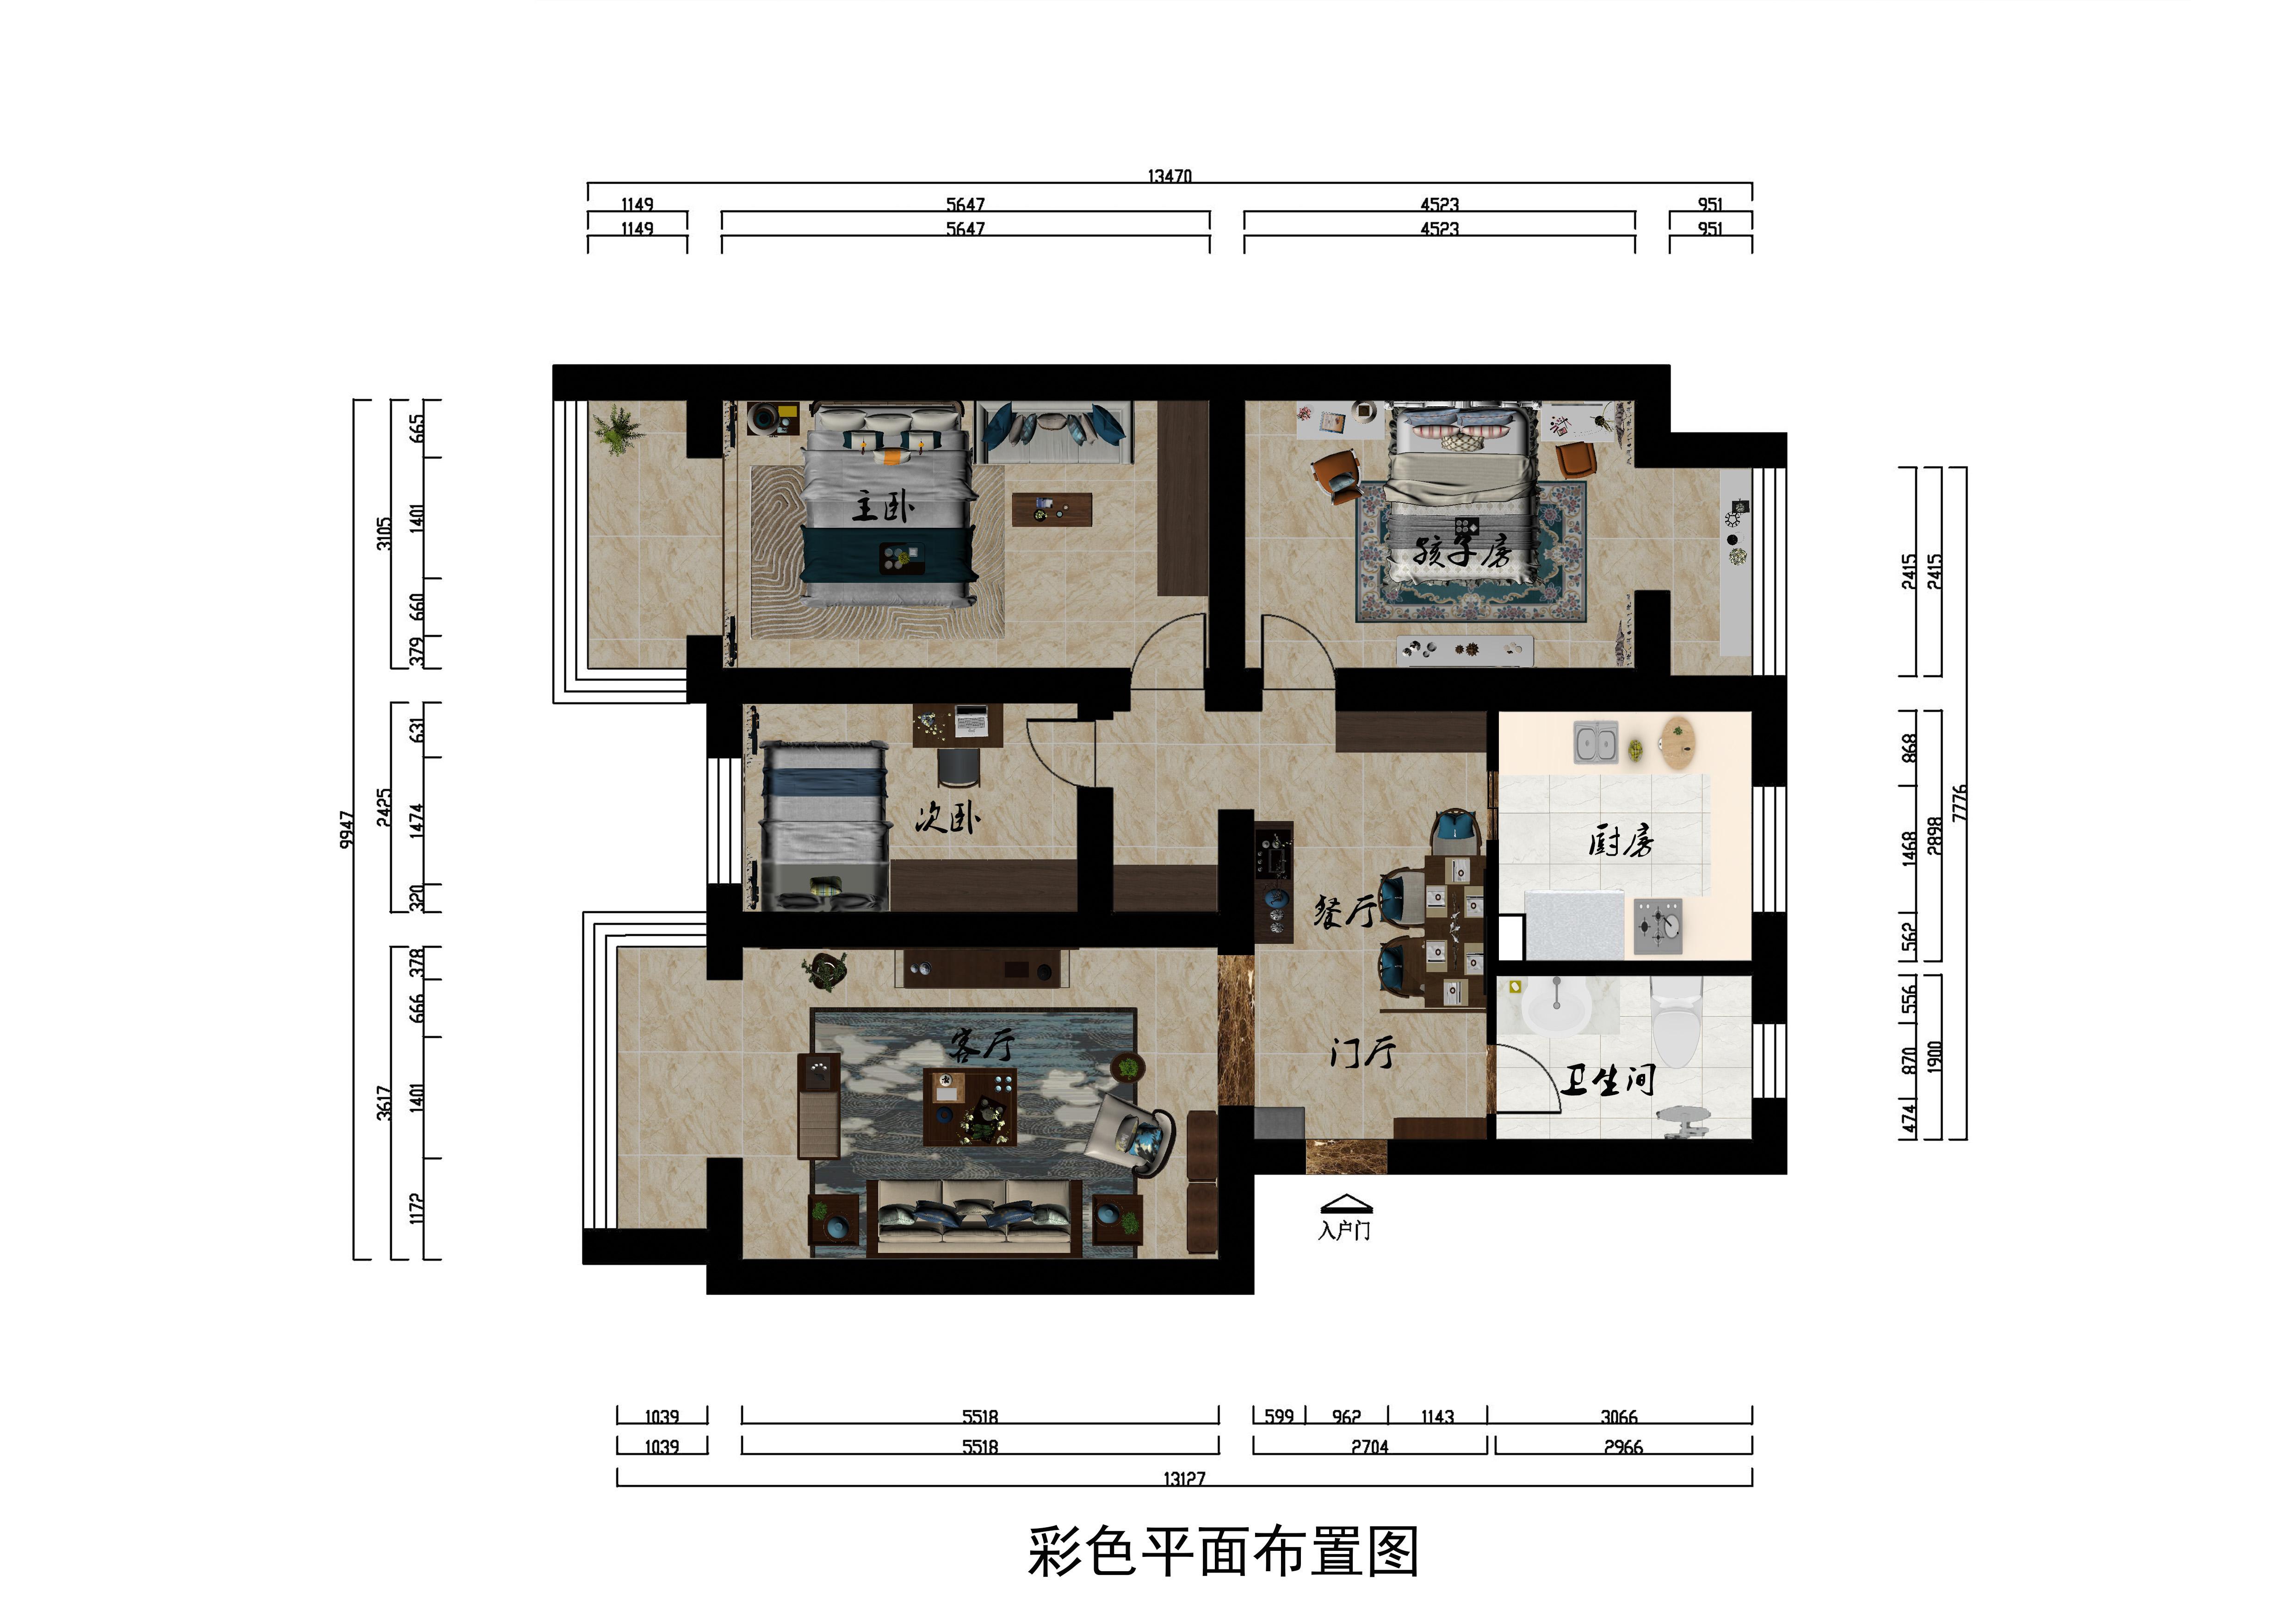 三居 中式 客厅 定制家装 温馨 户型图图片来自业之峰装饰旗舰店在凛冬傲梅的分享